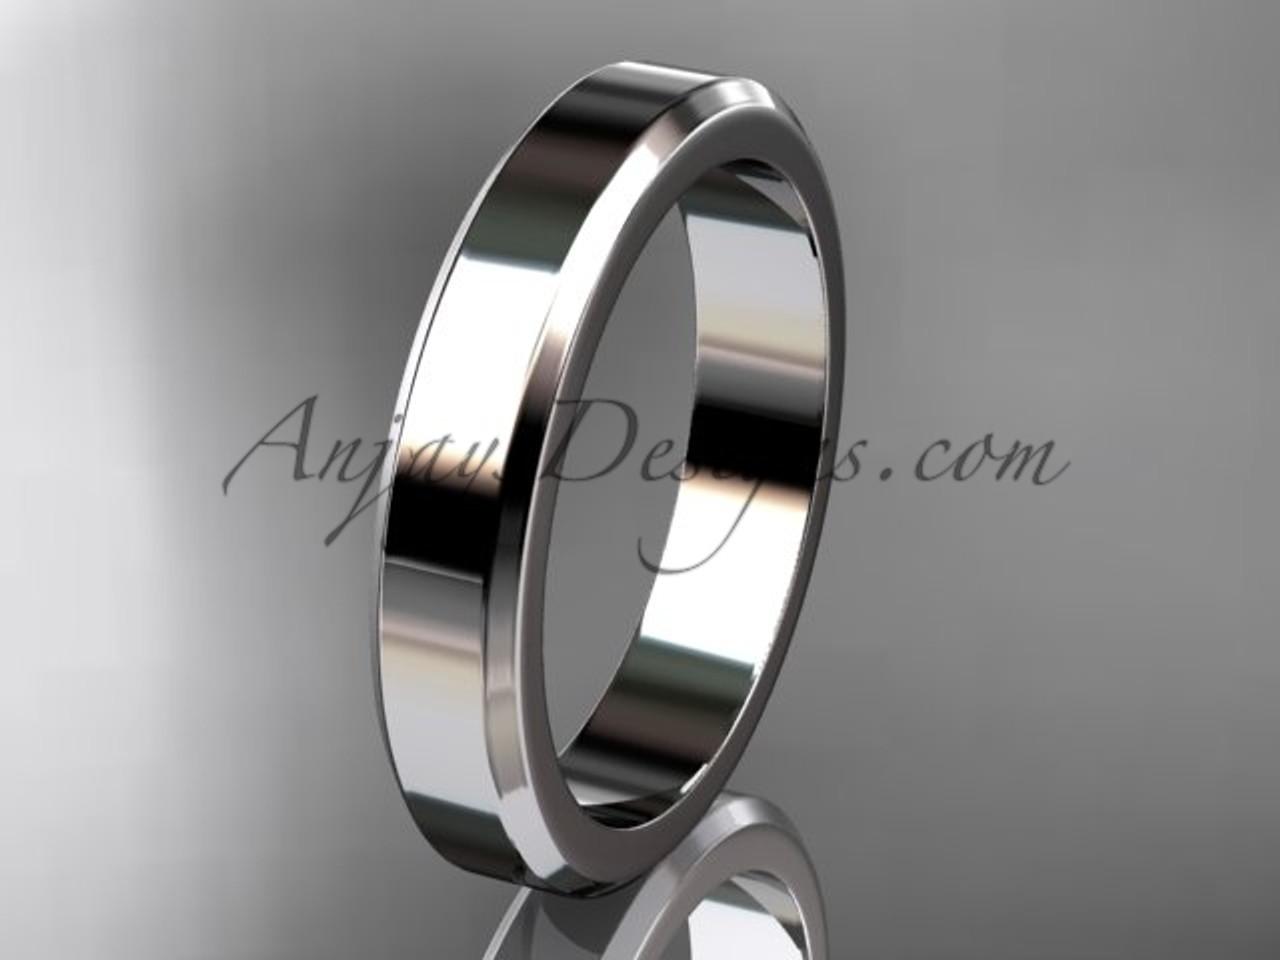 14kt White Gold 4mm plain wedding band for men WB50704G